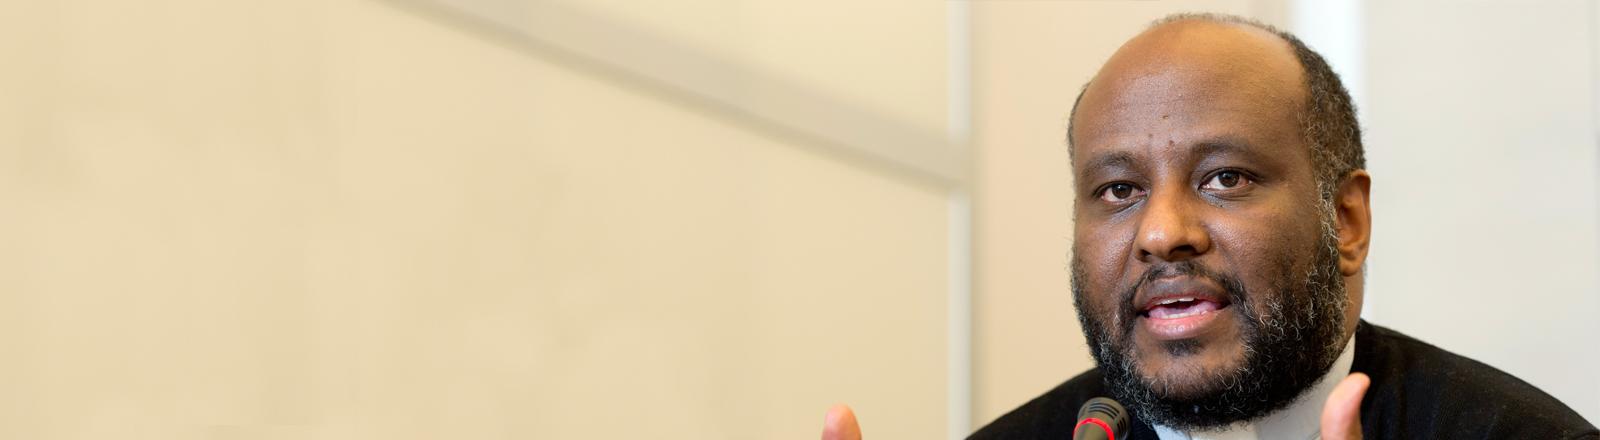 Pfarrer Mussie Zerai spricht auf einer UNHCR-Veranstaltung